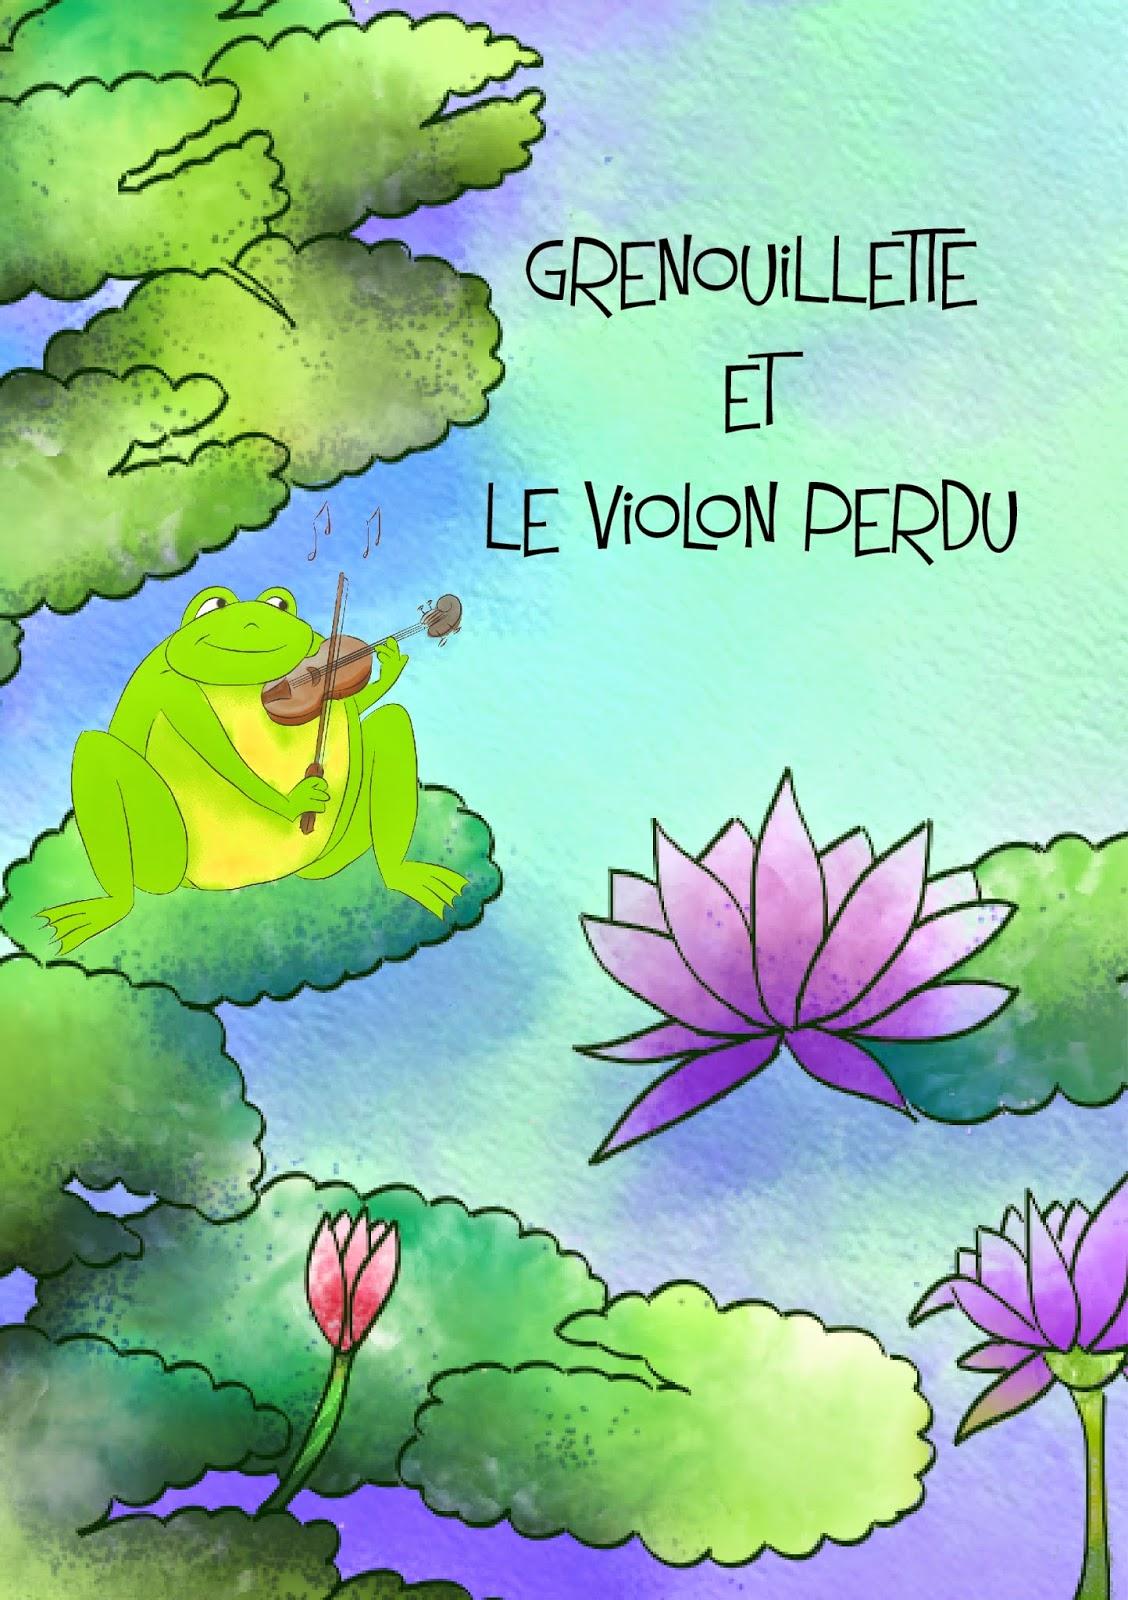 Proposition de couverture pour Grenouillette et le violon perdu, un conte de fée très nature